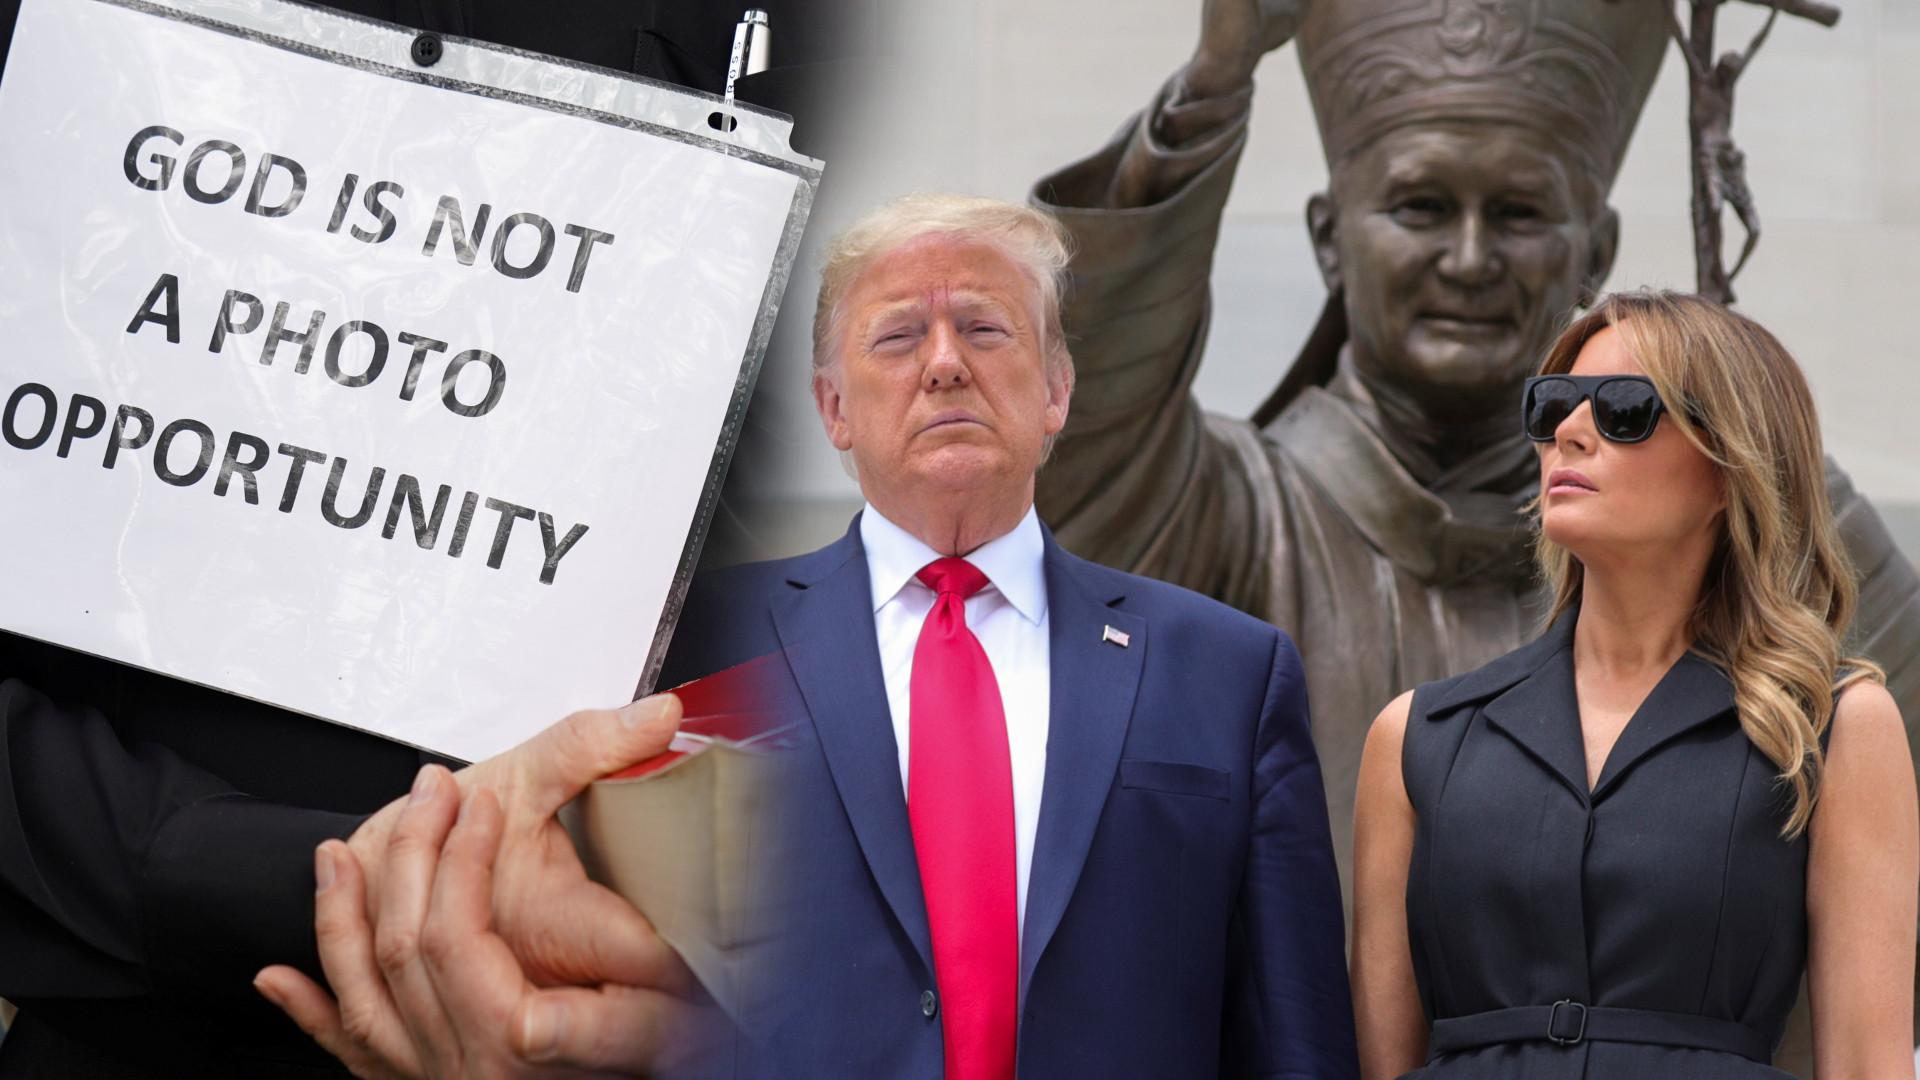 Donald i Melania Trump robią sobie zdjęcia przed pomnikiem Jana Pawła II, a ludzie protestują